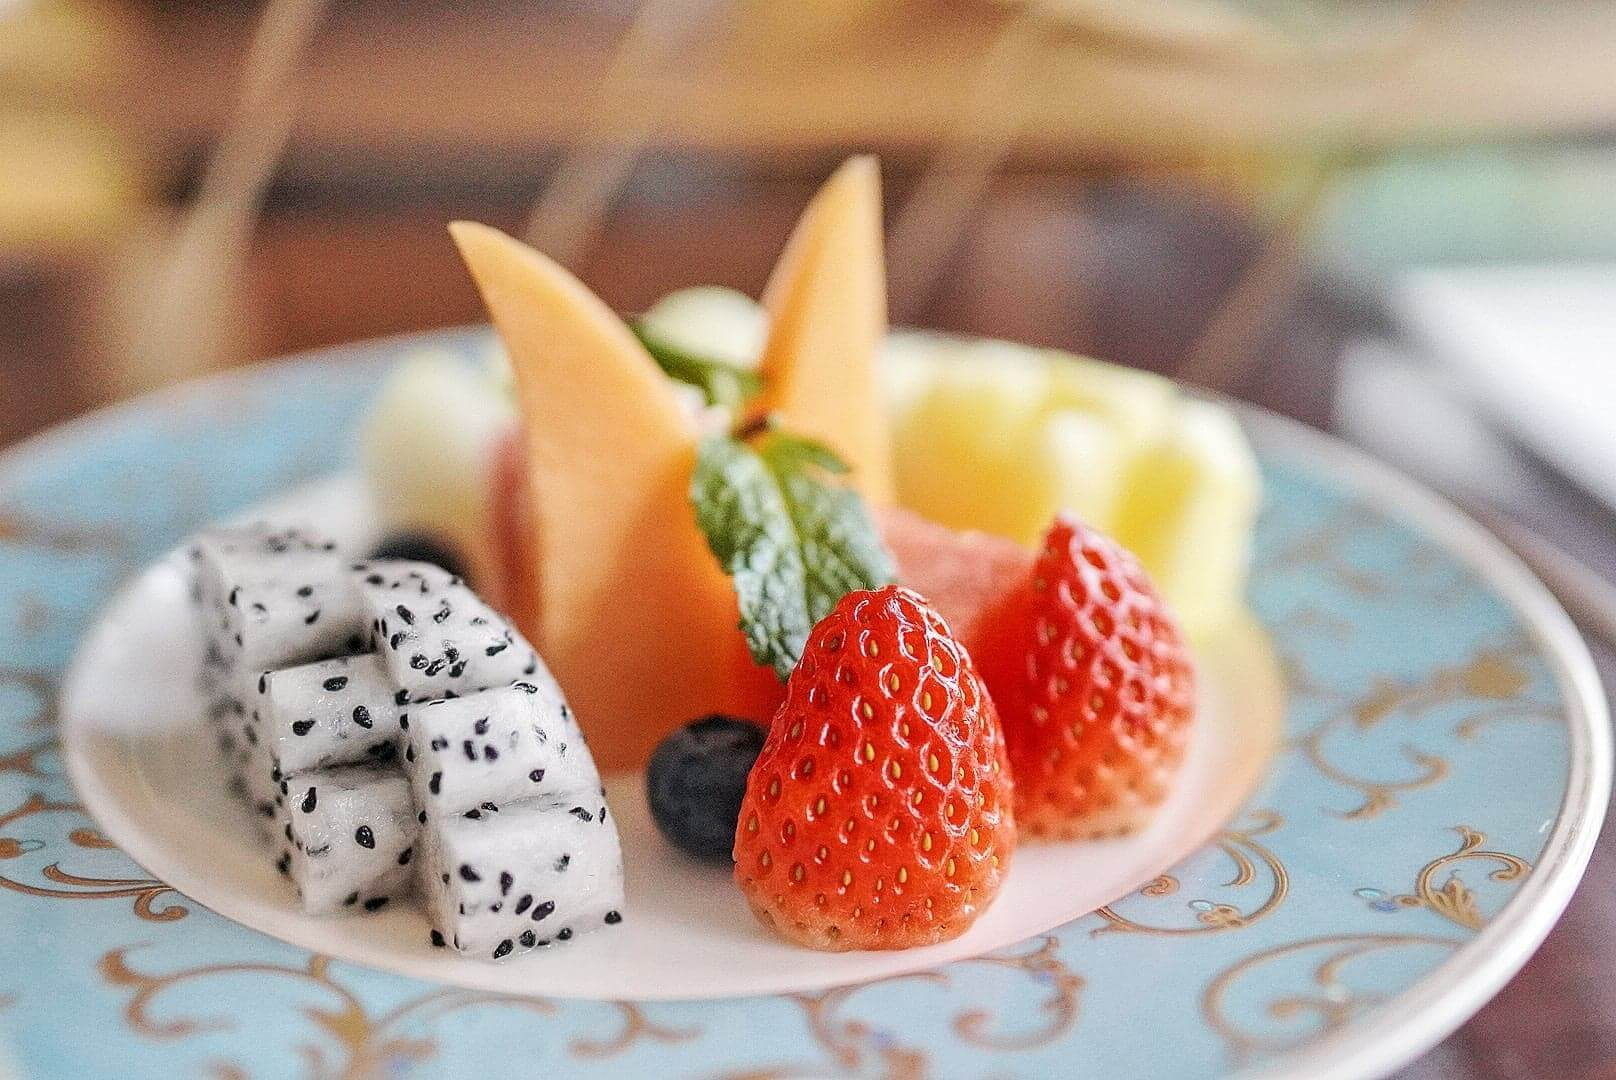 多款水果,食味道濃重嘅美點時正好解膩。